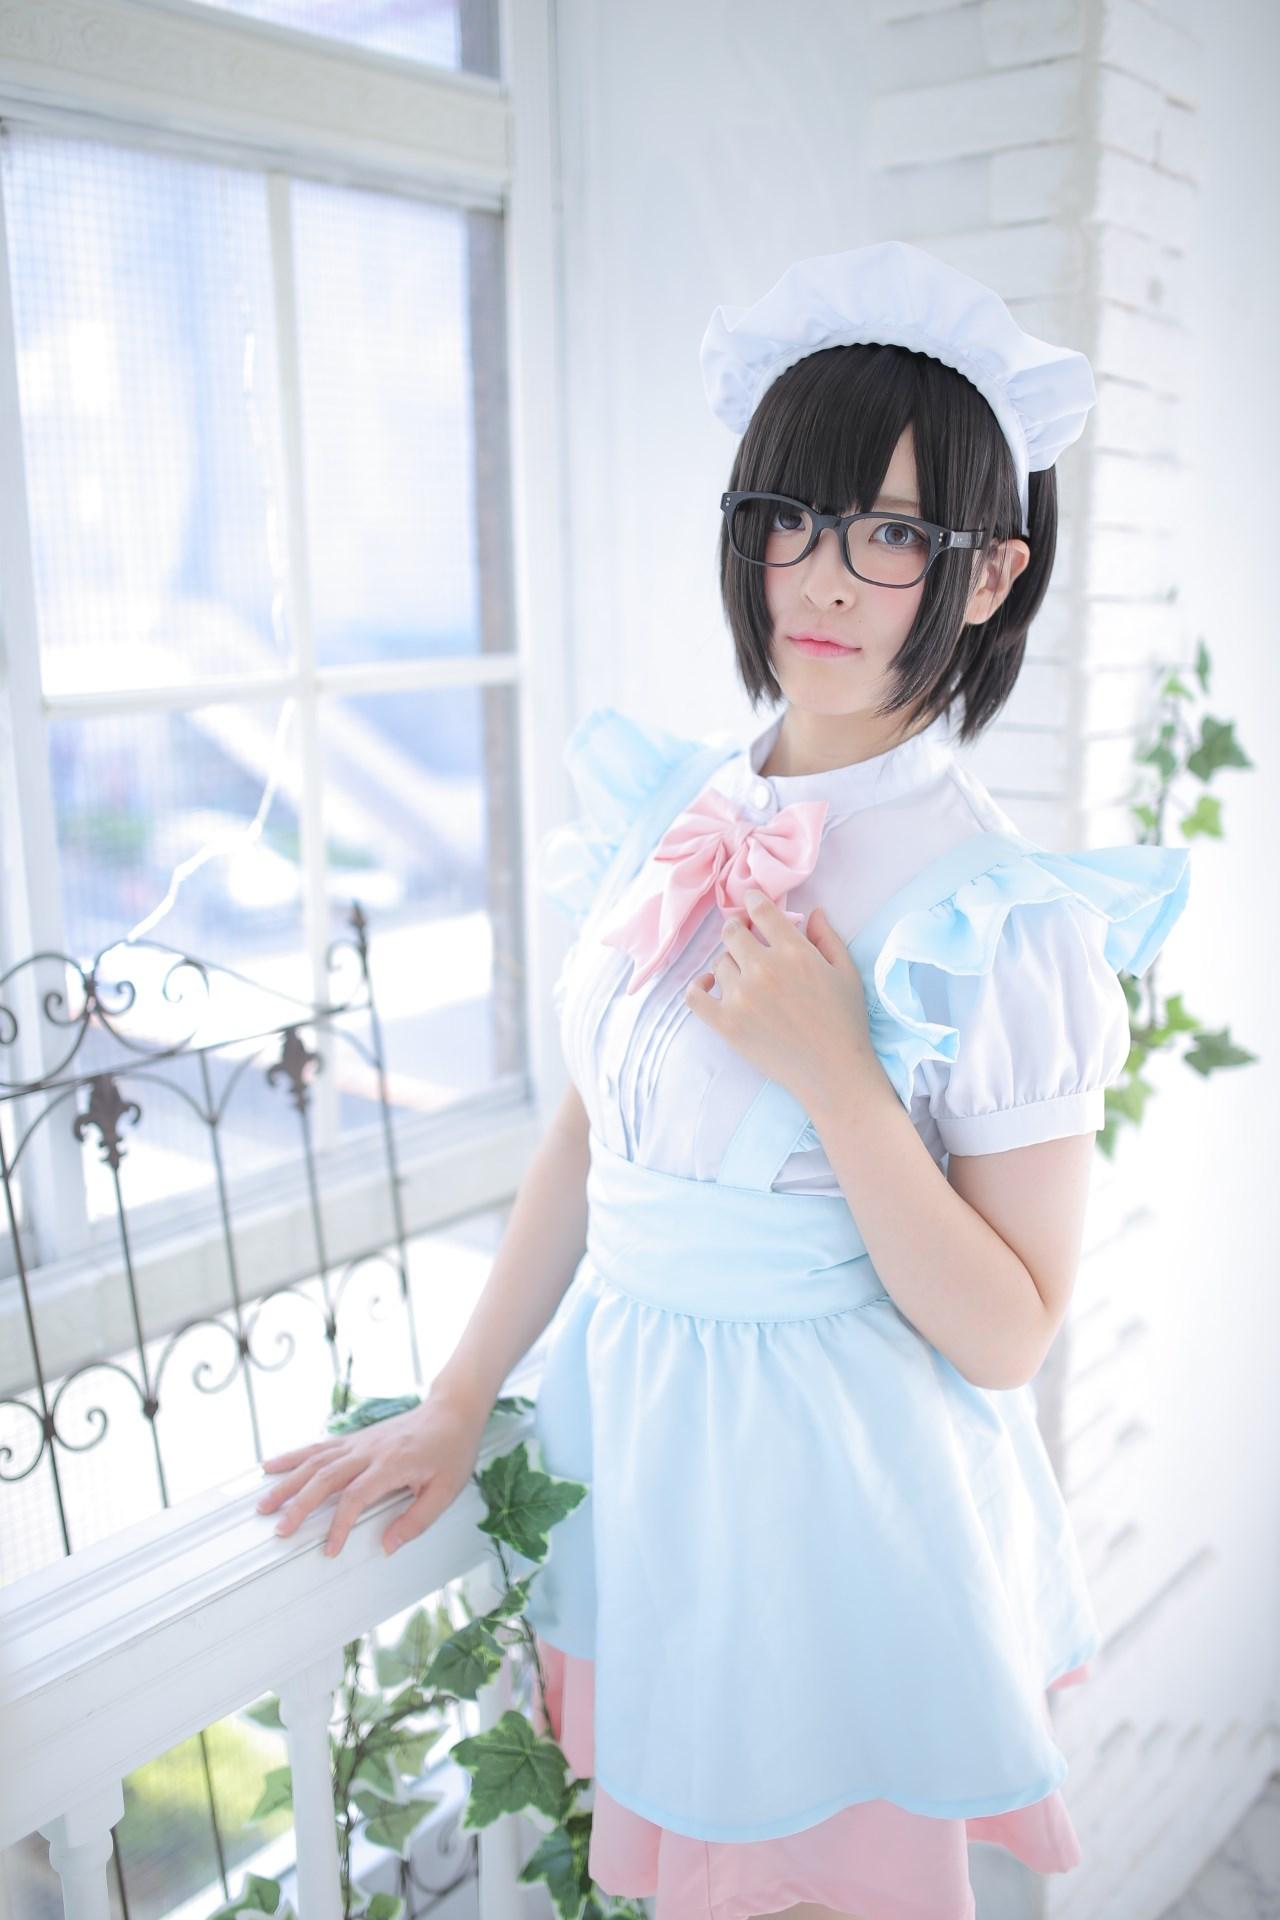 【兔玩映画】眼镜女仆 兔玩映画 第123张